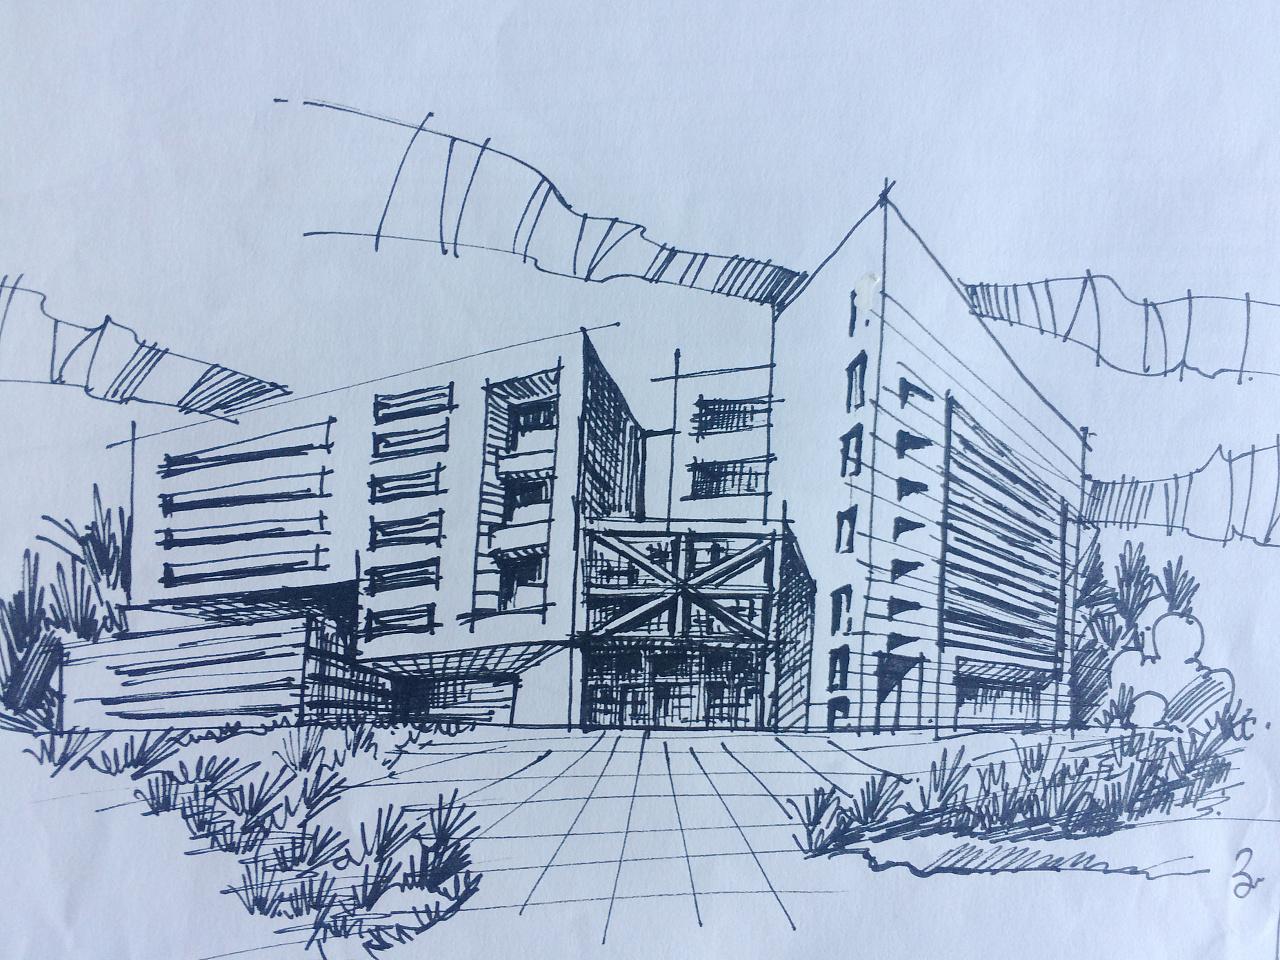 建筑设计 手绘 钢笔 马克笔 |空间|建筑设计|gary图片